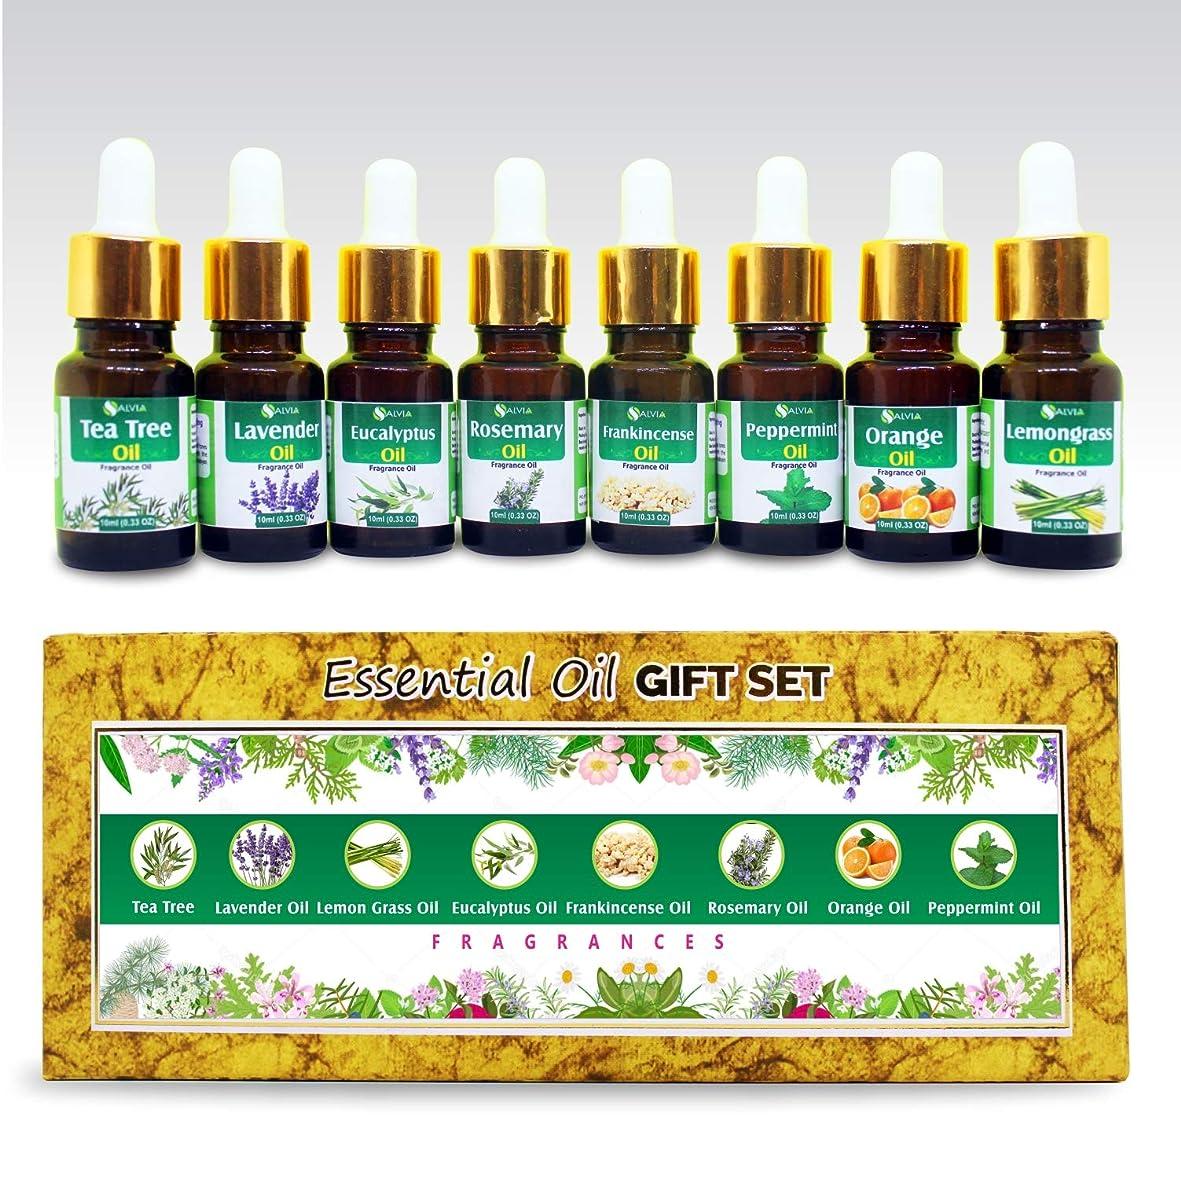 課税情熱的プログラムAromatherapy Fragrance Oils 100% Natural Therapeutic Essential Oils 10ml each (Tea Tree, Lavender, Eucalyptus, Frankincense, Lemongrass, Rosemary, Orange, Peppermint) Gift set